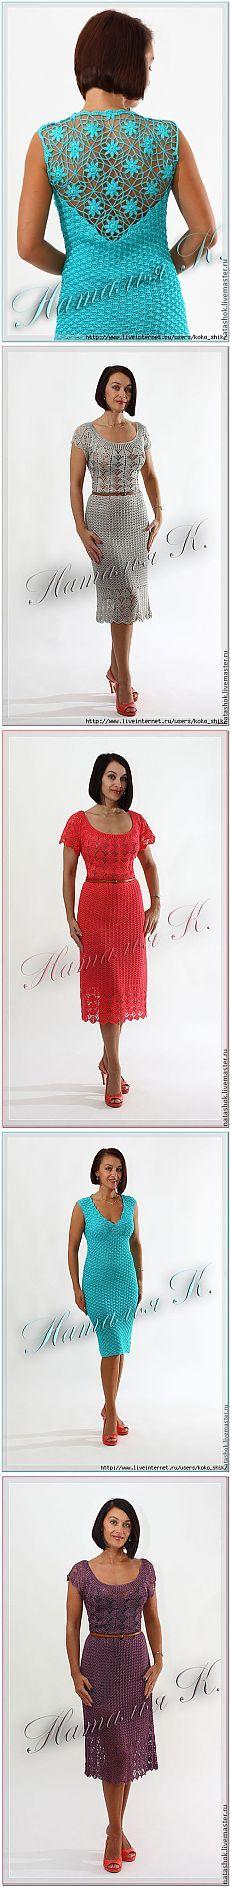 Три платья крючком от Натальи Кравченко